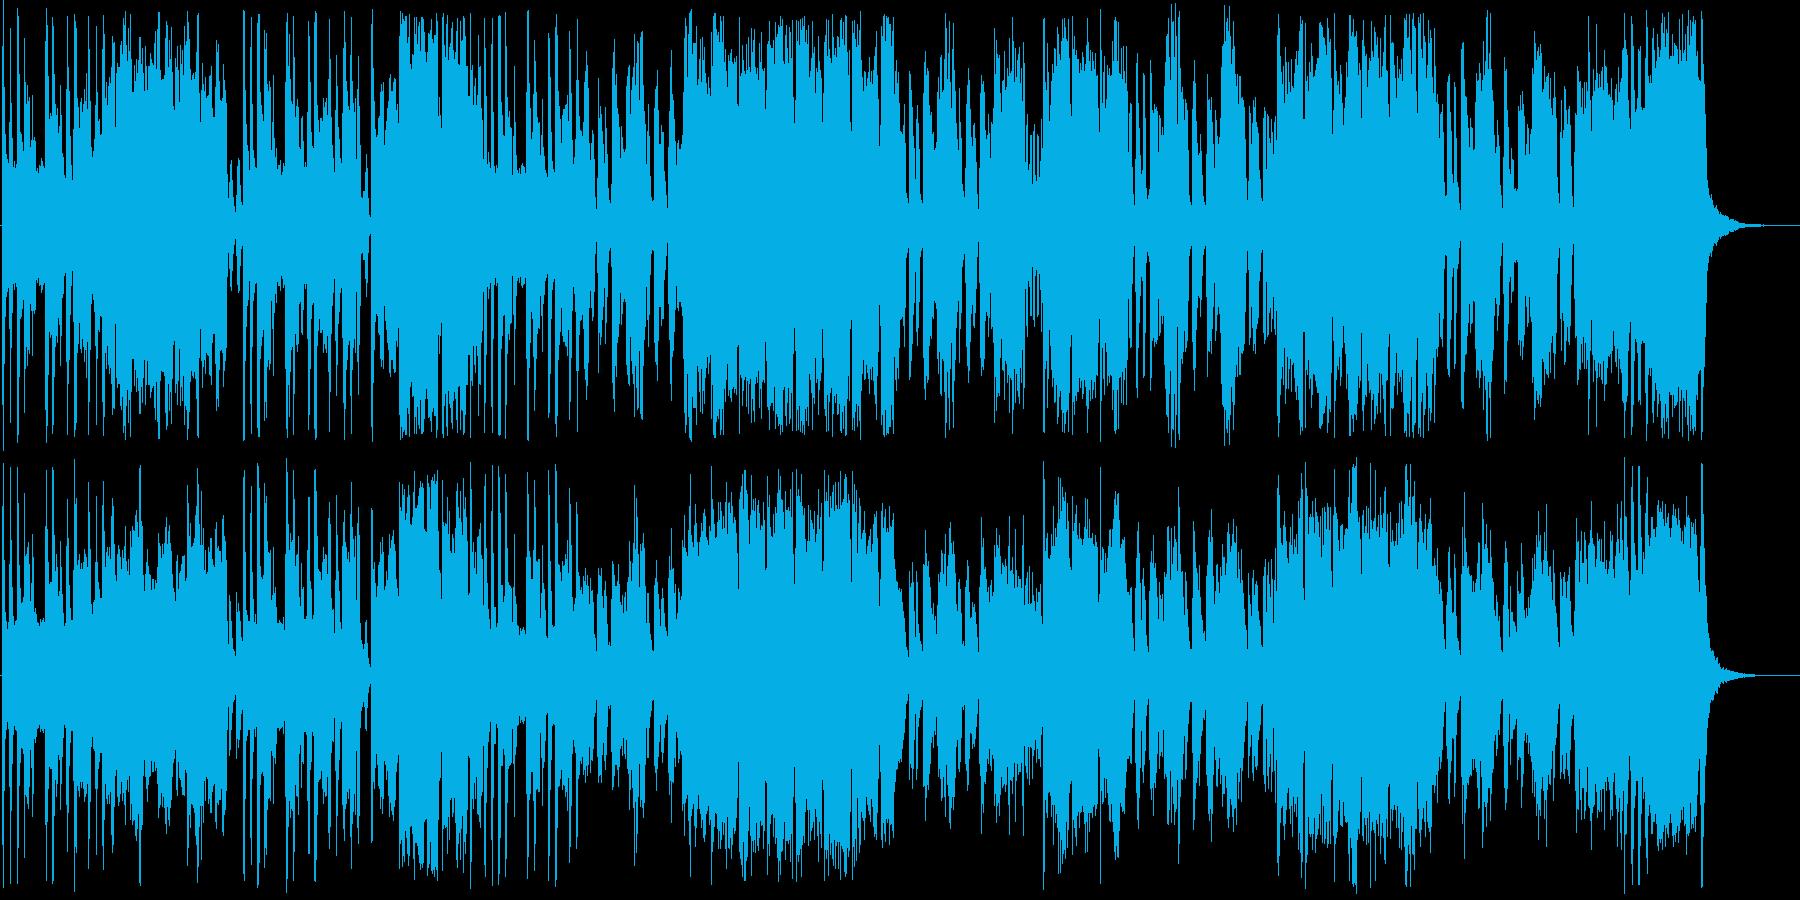 めまぐるしく変わる様子のコミカルな曲の再生済みの波形